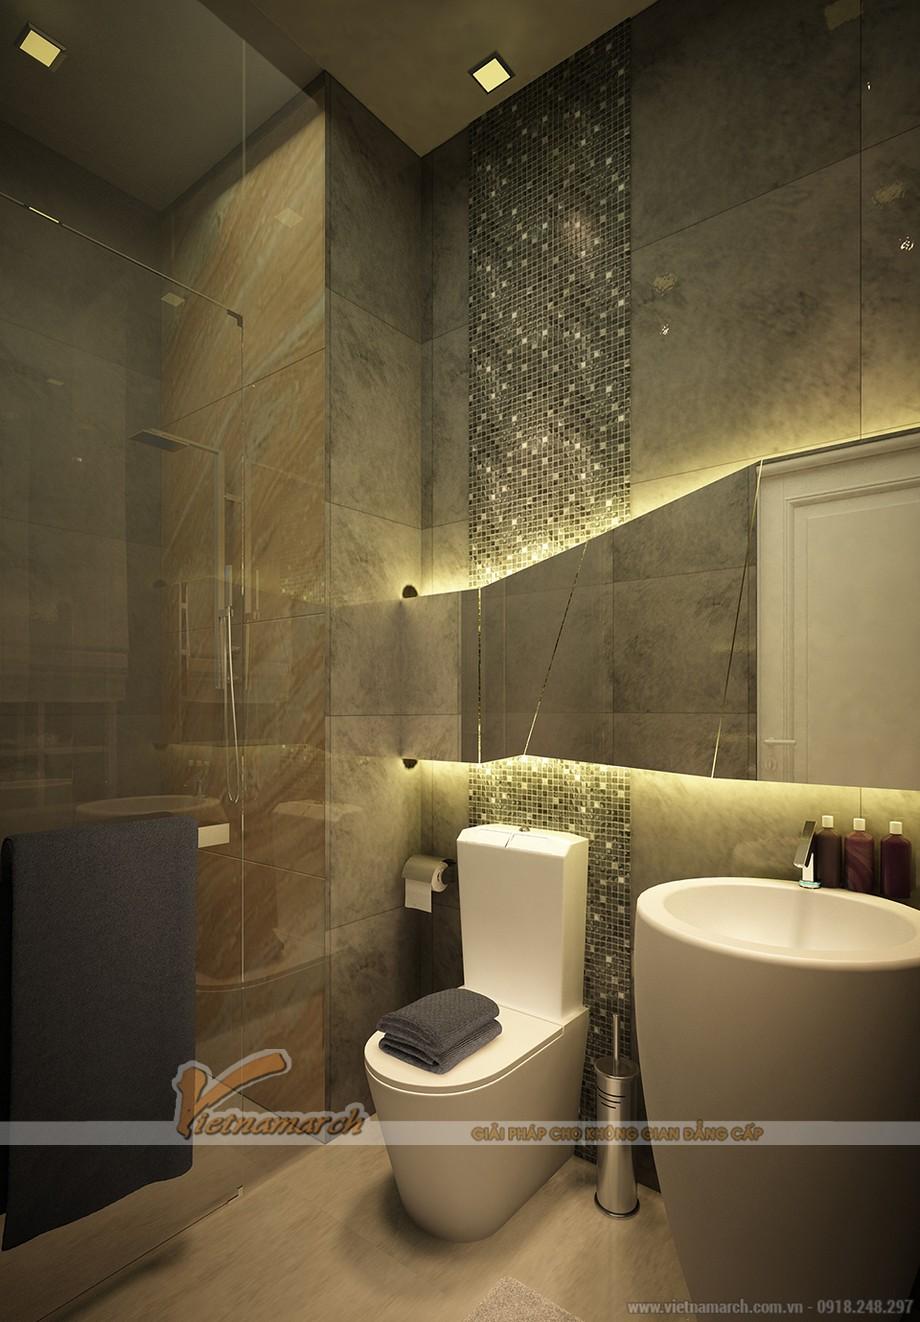 Vô cùng hiện đại và tiện nghi trong phòng tắm này